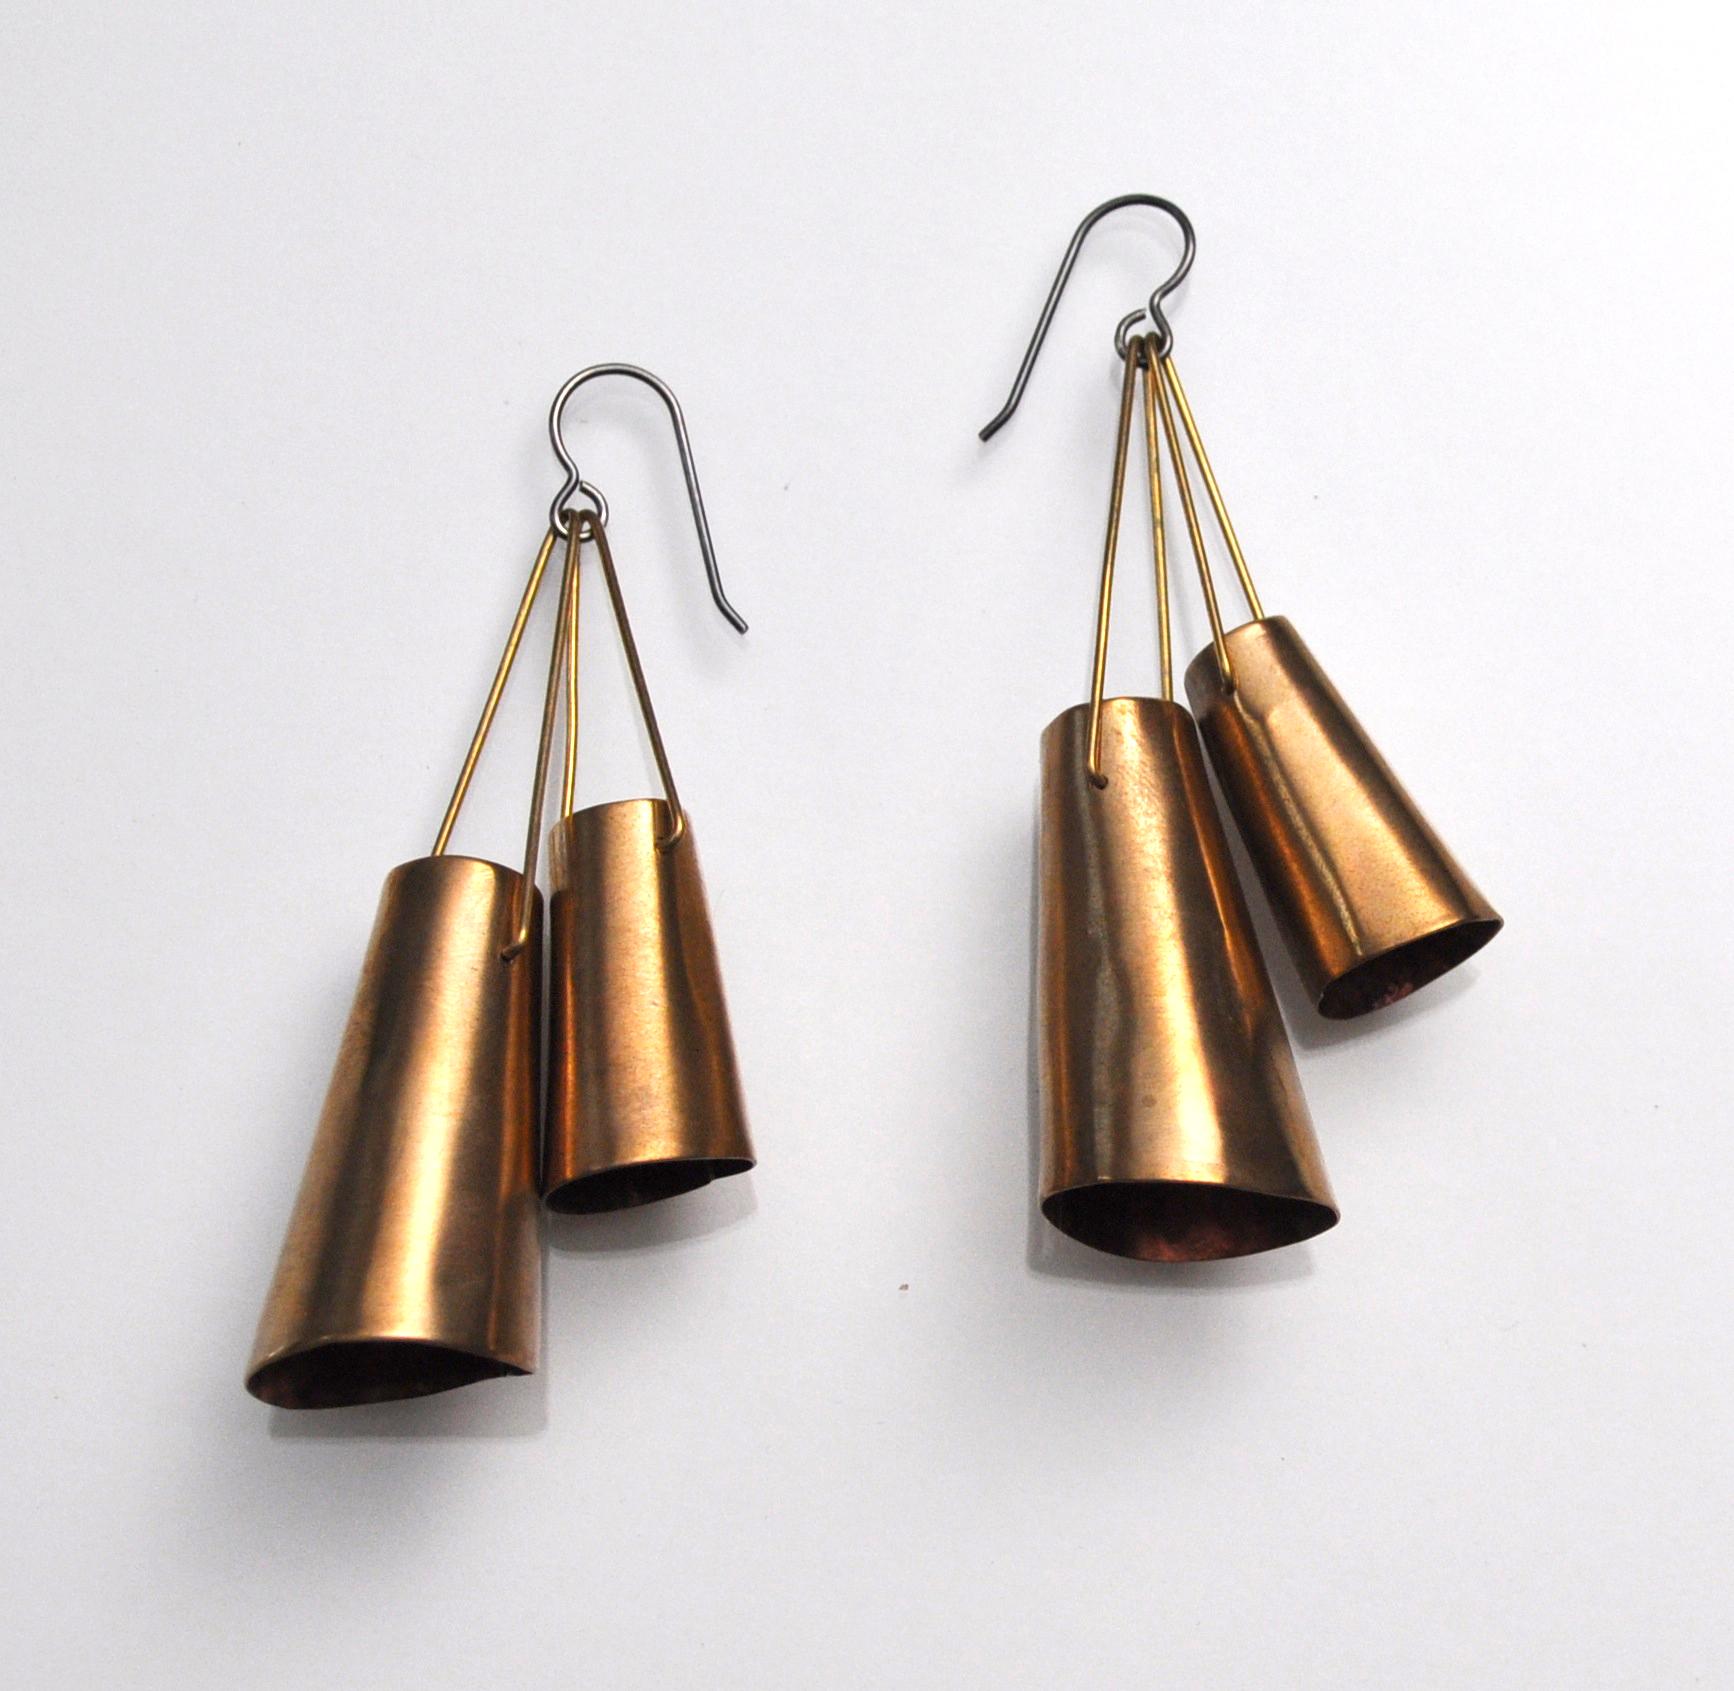 Double Bell Earrings